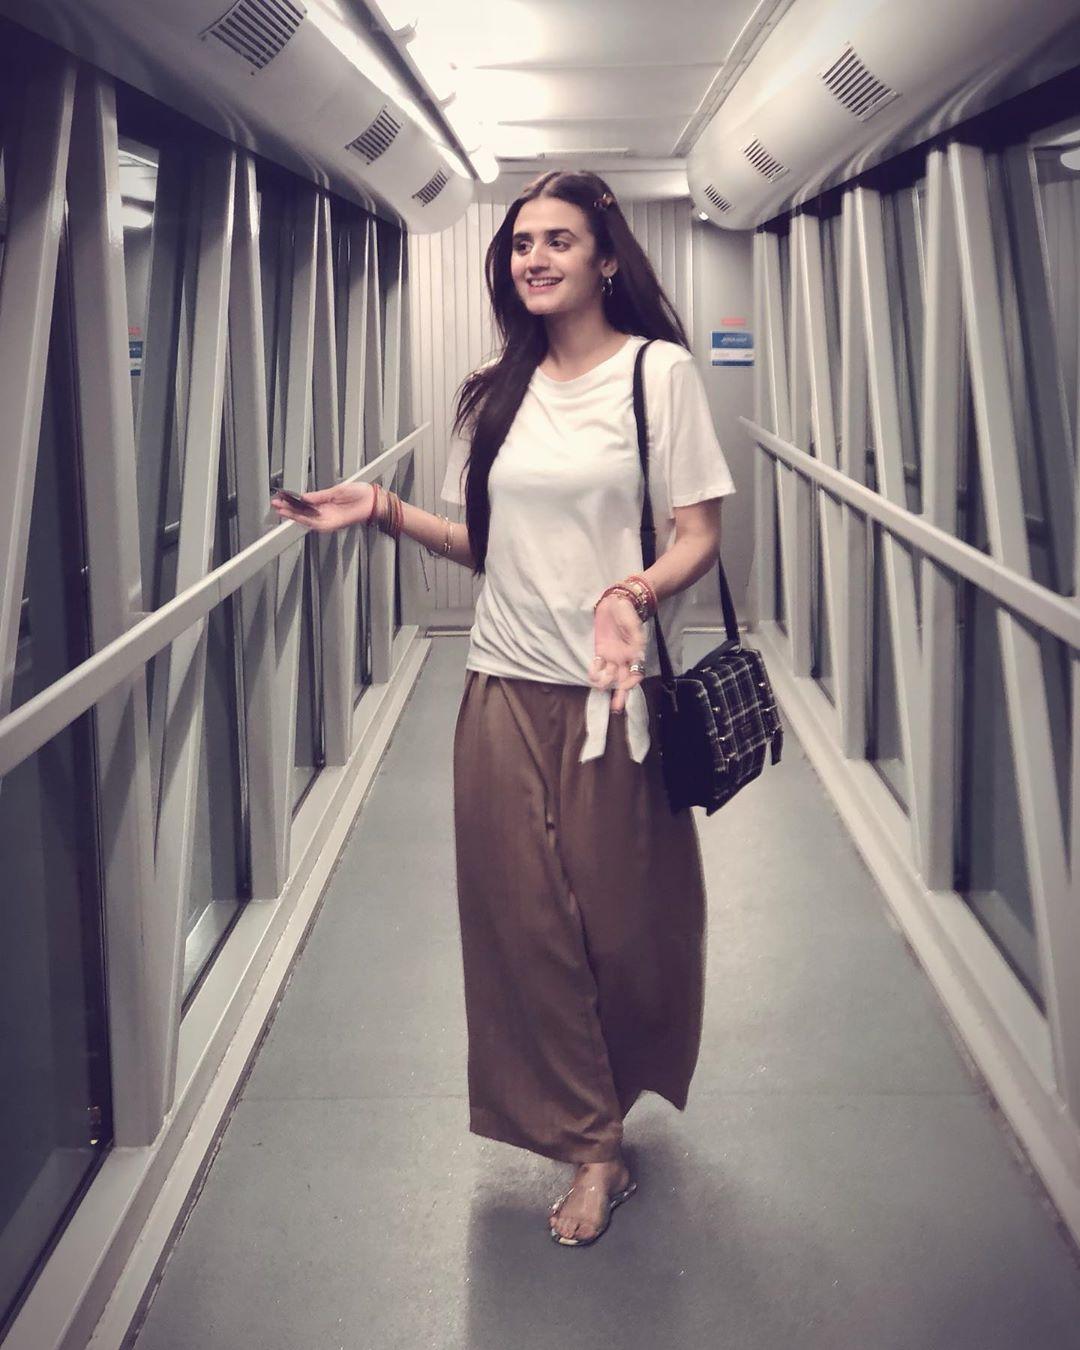 New Awesome Clicks of Actress Hira Mani